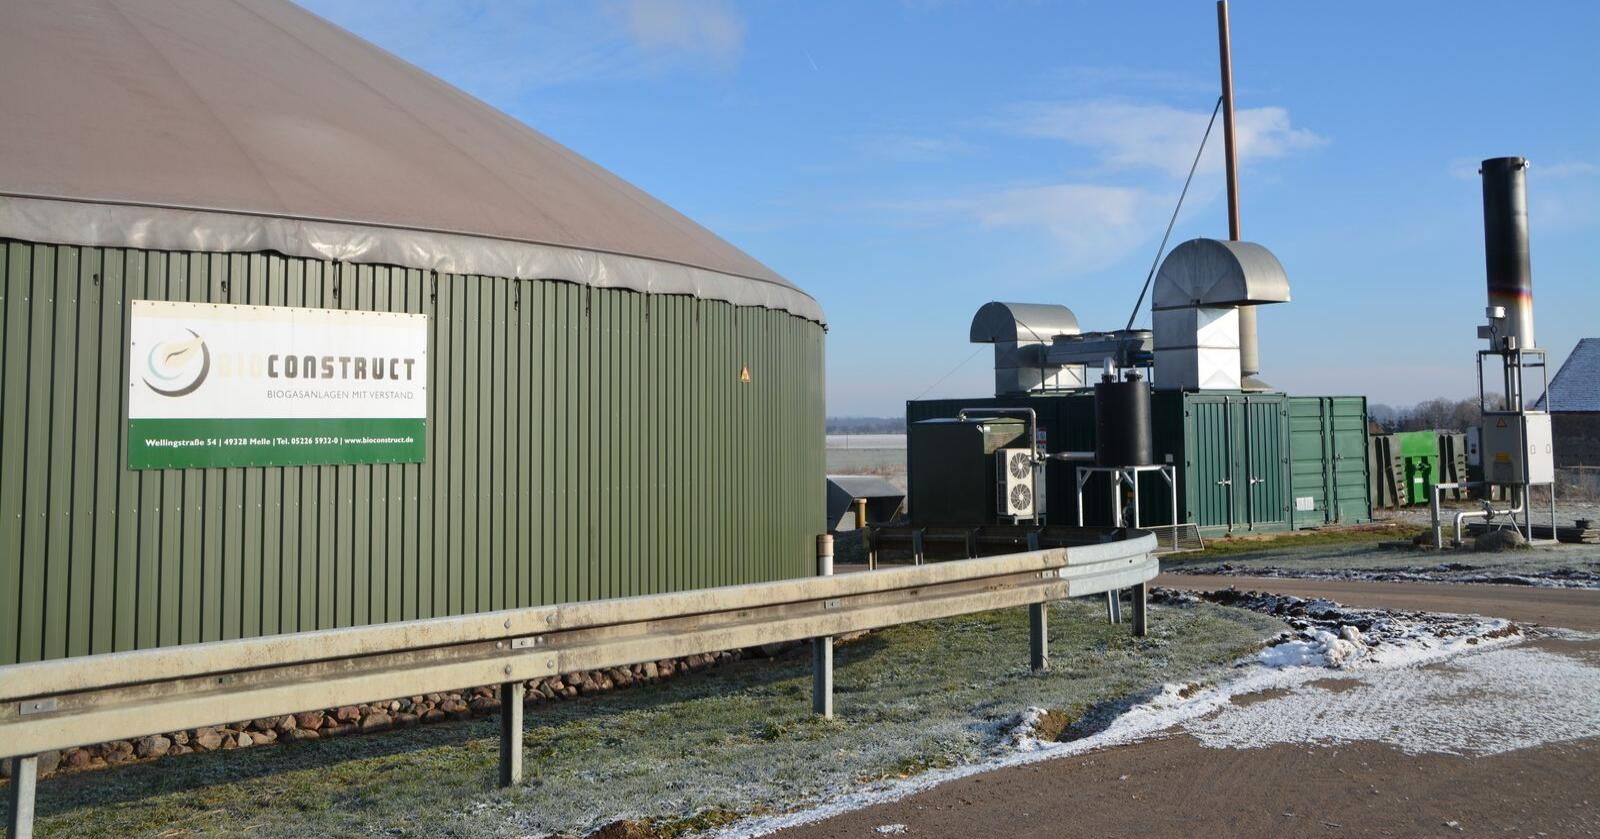 I EU fases kullkraftverk ut til fordel for fornybar energi og gass. Bildet viser produksjon av biogass i Jütebog, en times kjøring fra Berlin. (Foto: Anders Sandbu)